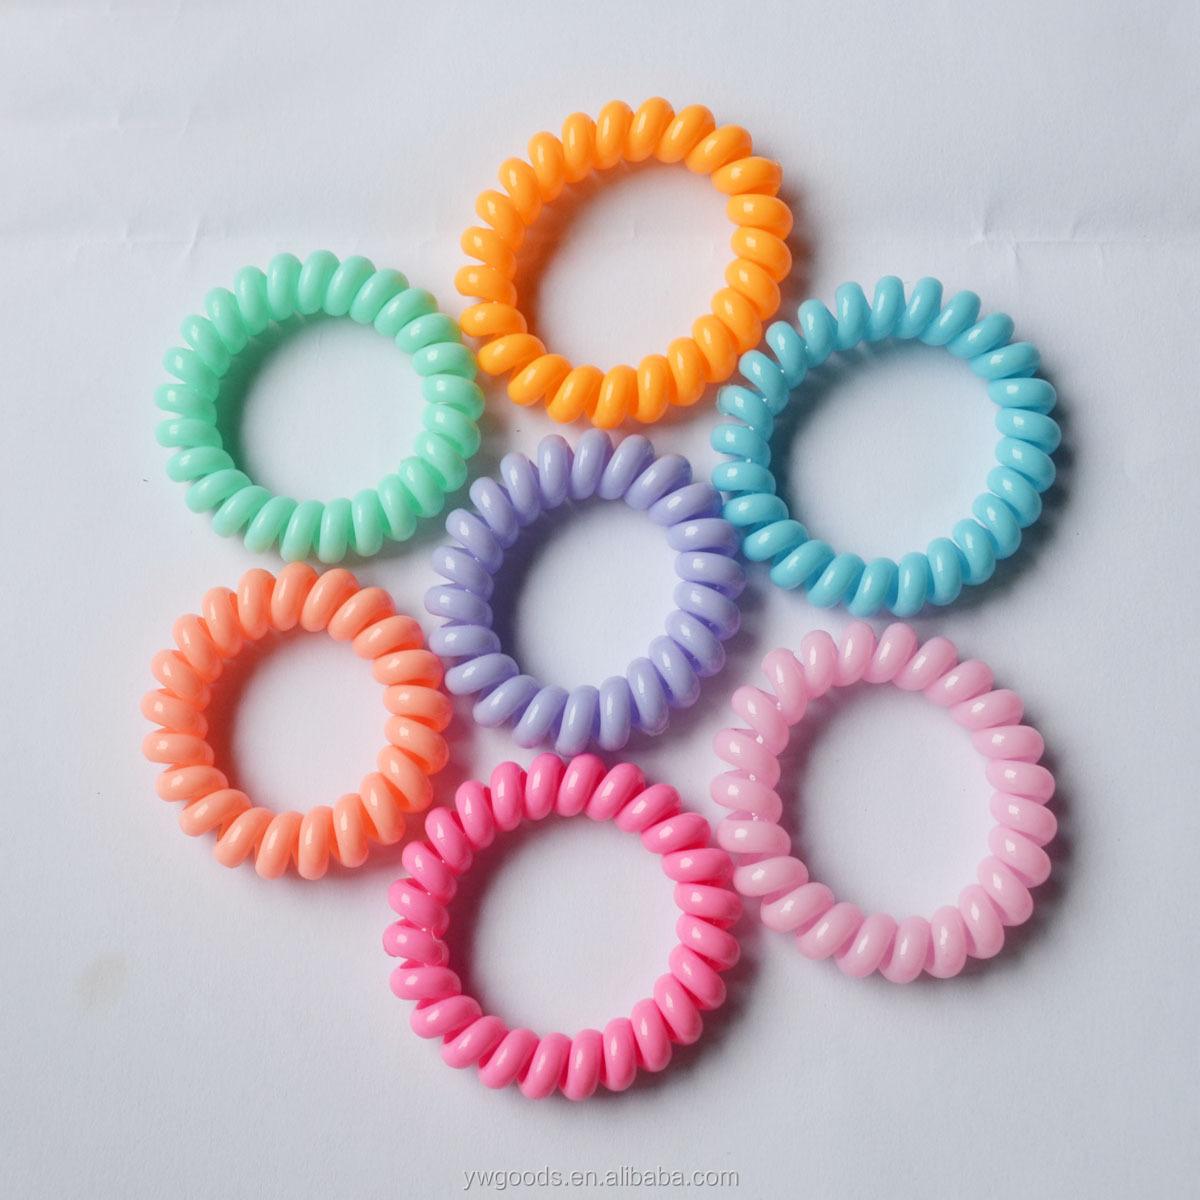 Fashion Elastic Hair Bands Cute Telephone Line Shaped Hair